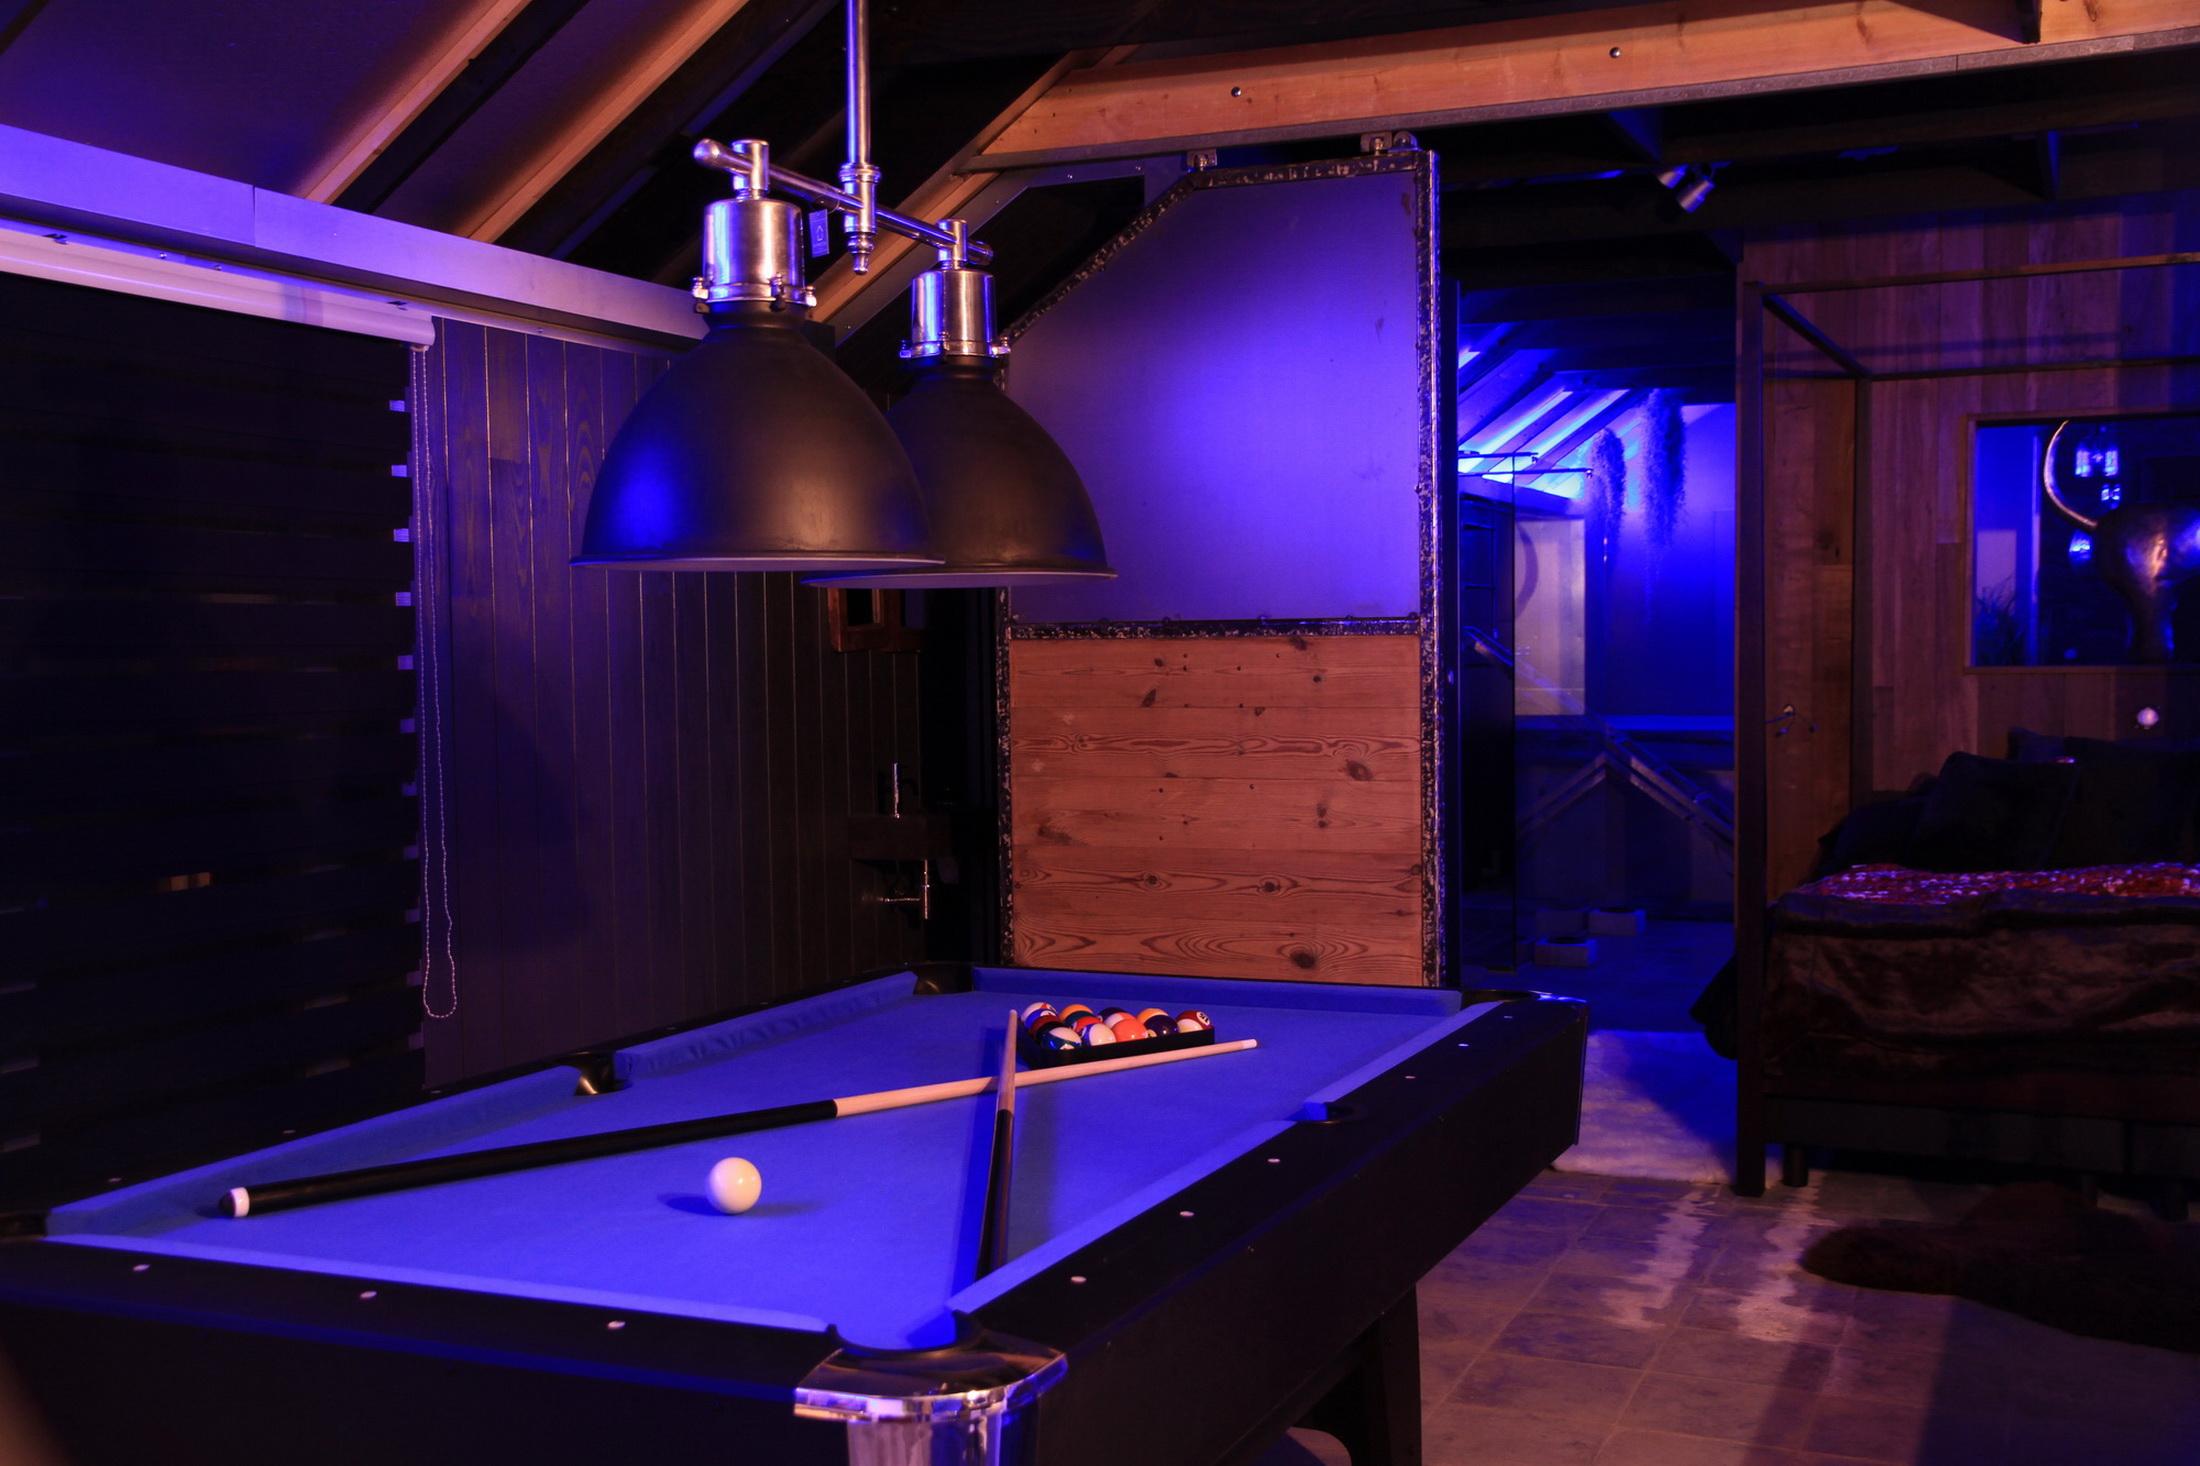 le loft loft insolit espace privatif 150m2 avec jacuzzi et sauna privatif. Black Bedroom Furniture Sets. Home Design Ideas